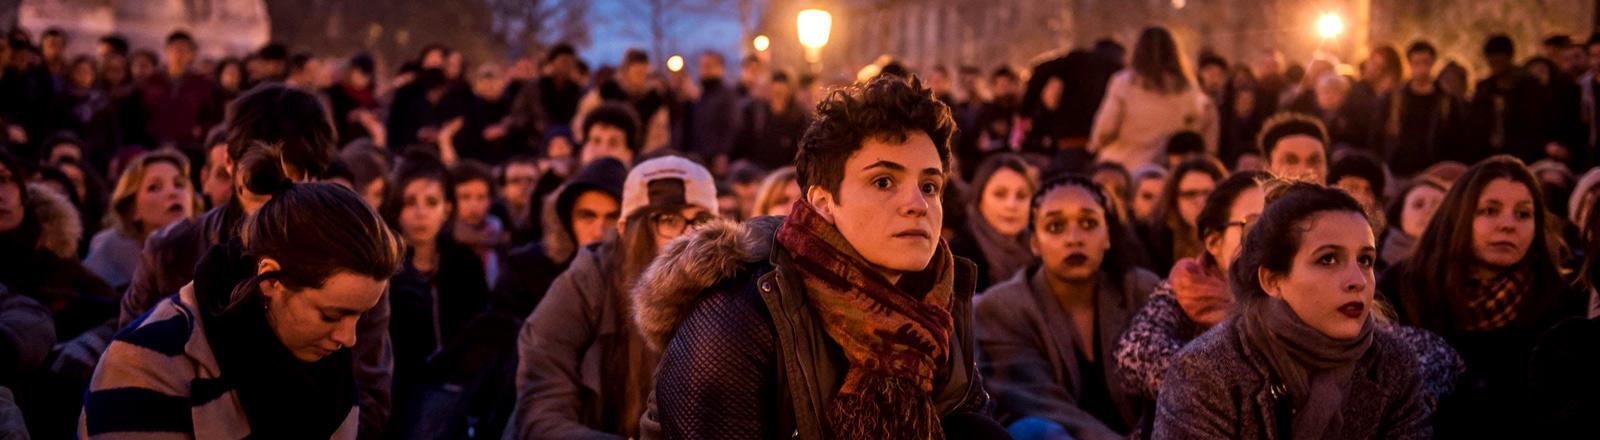 Junge Leute sitzen während einer Demo in der Nacht am Platz der Republik in Paris.